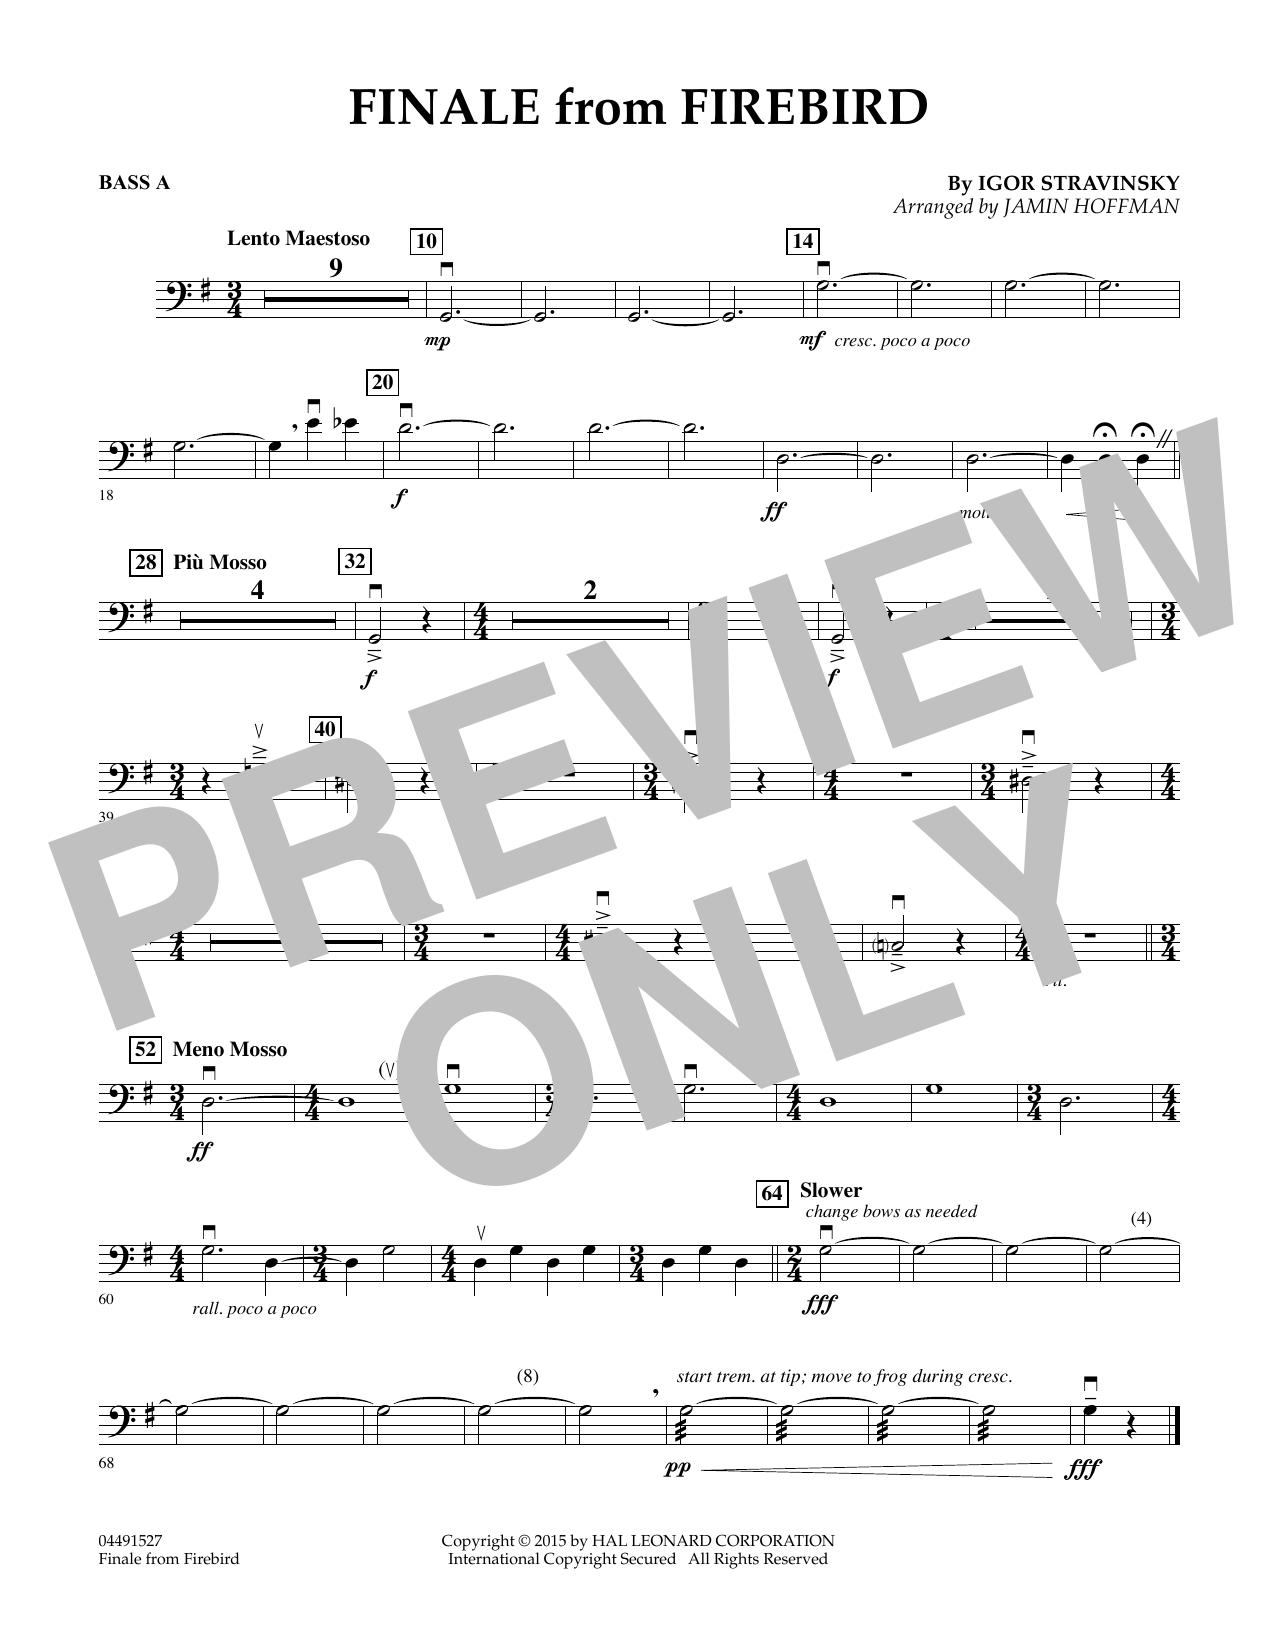 Finale from Firebird (arr. Jamin Hoffman) - Bass A (Orchestra)